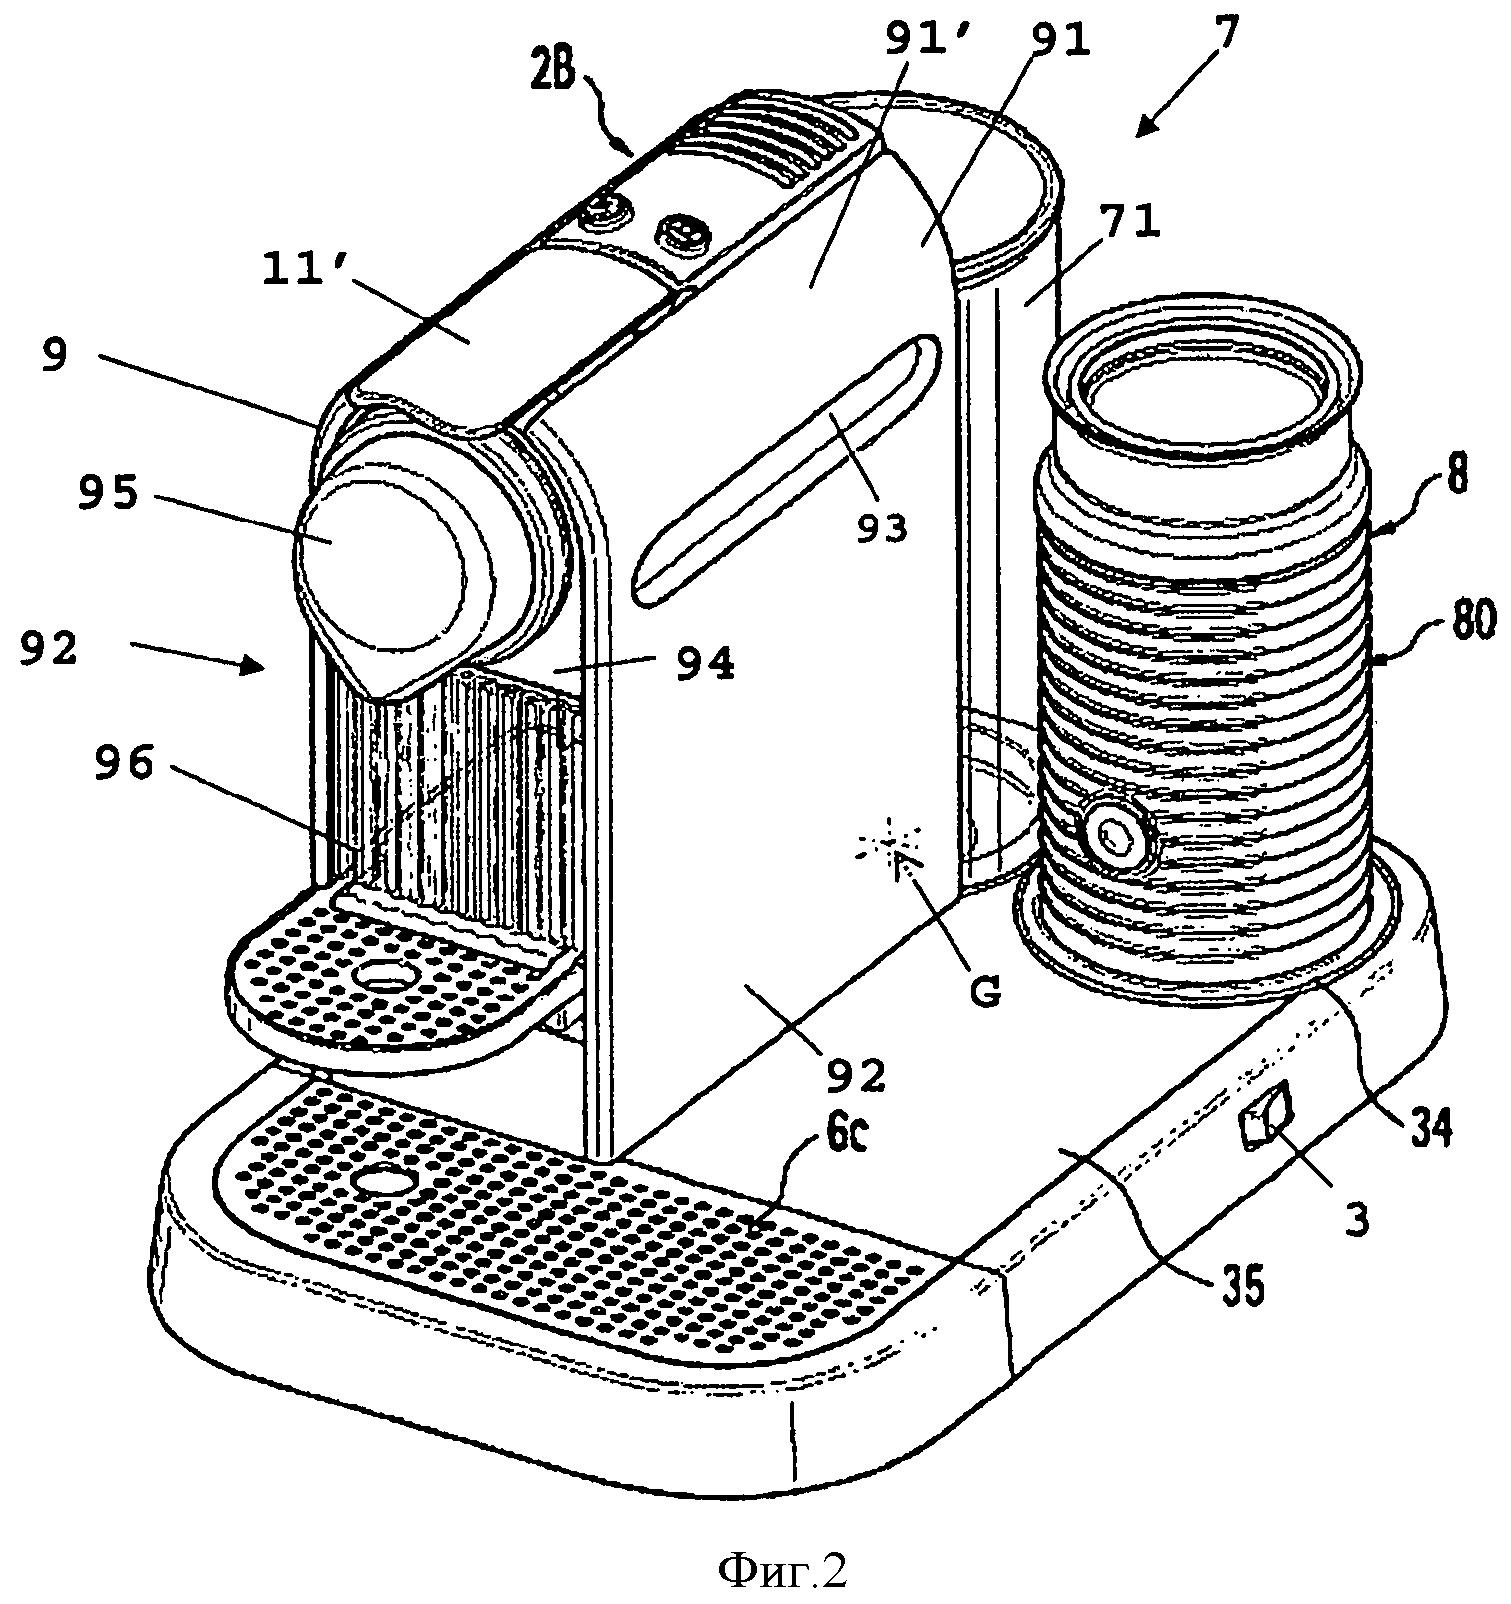 Машина для приготовления жидкой пищи или напитков, переносимая одной рукой